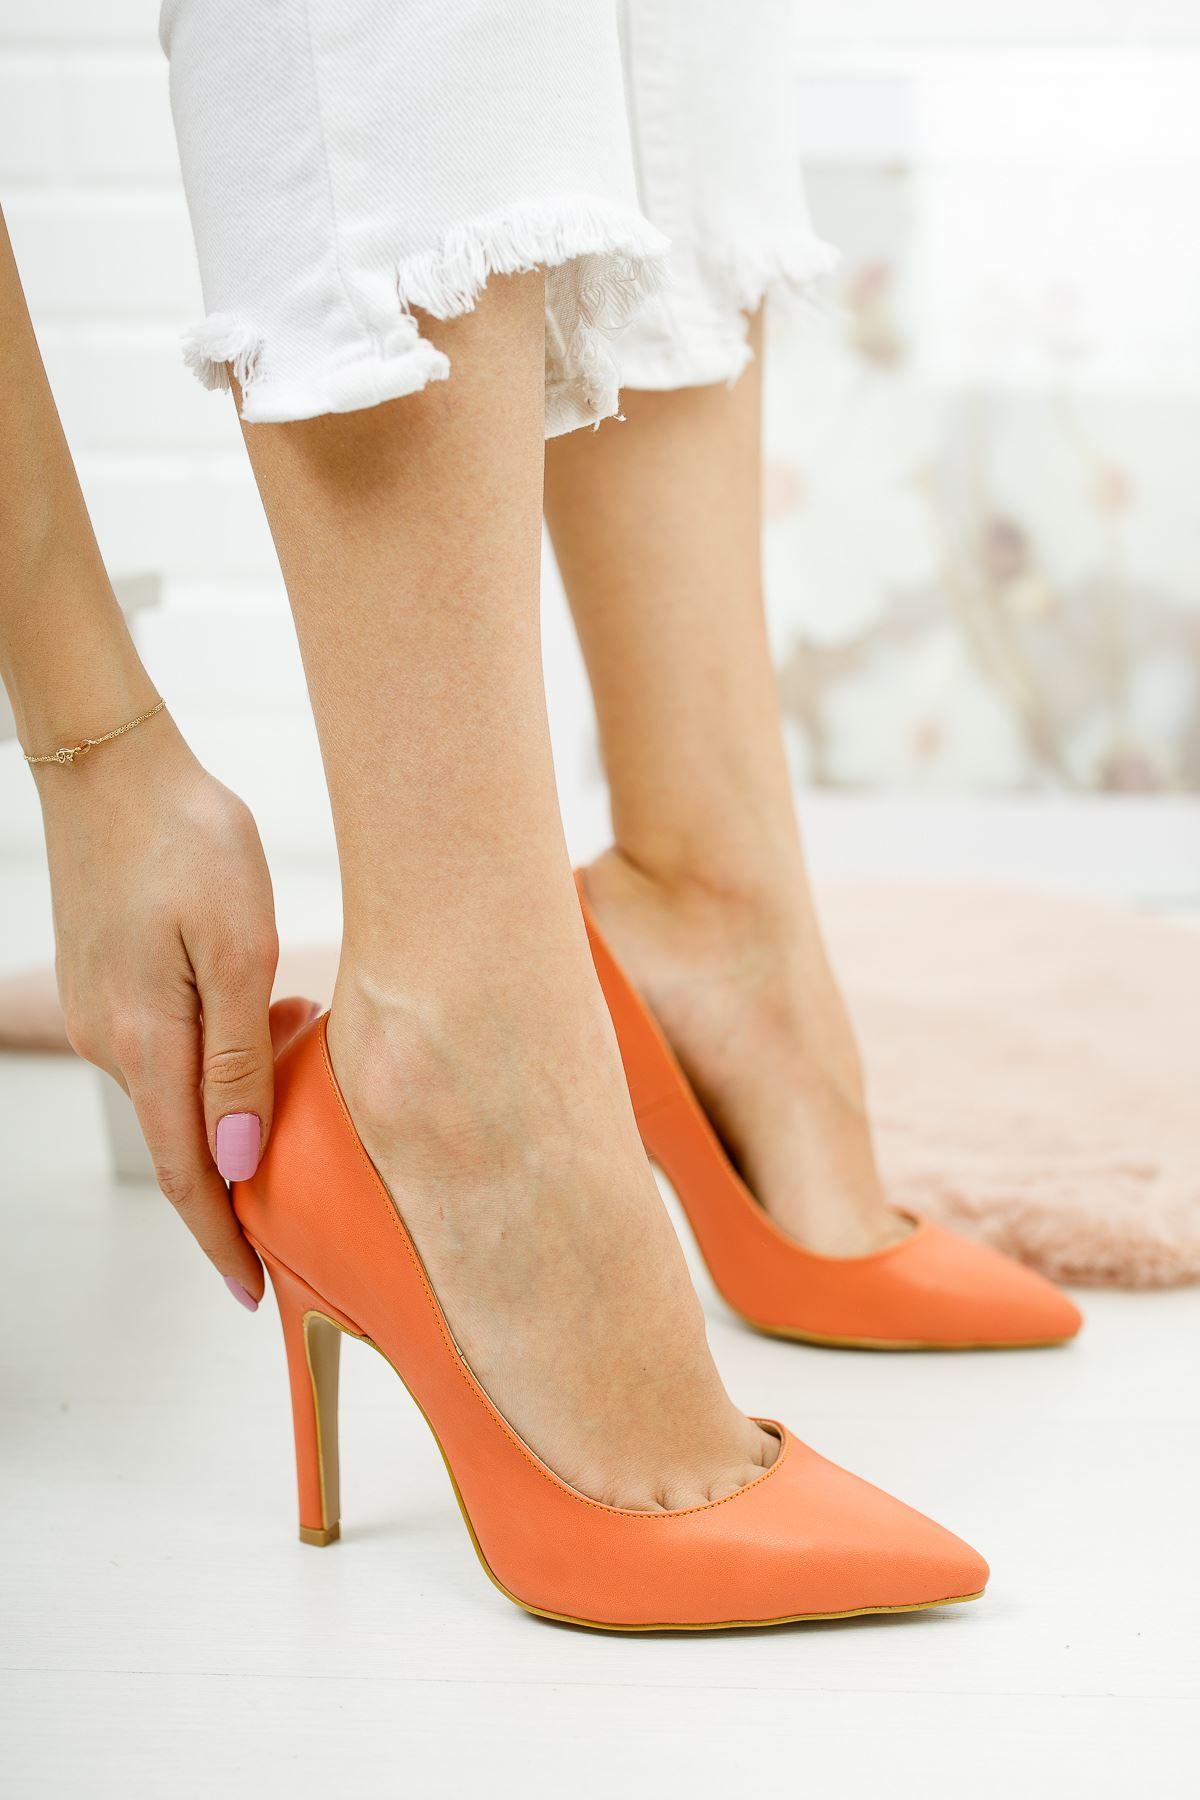 Tokyo Turuncu Cilt Kadın Topuklu Ayakkabı Stiletto